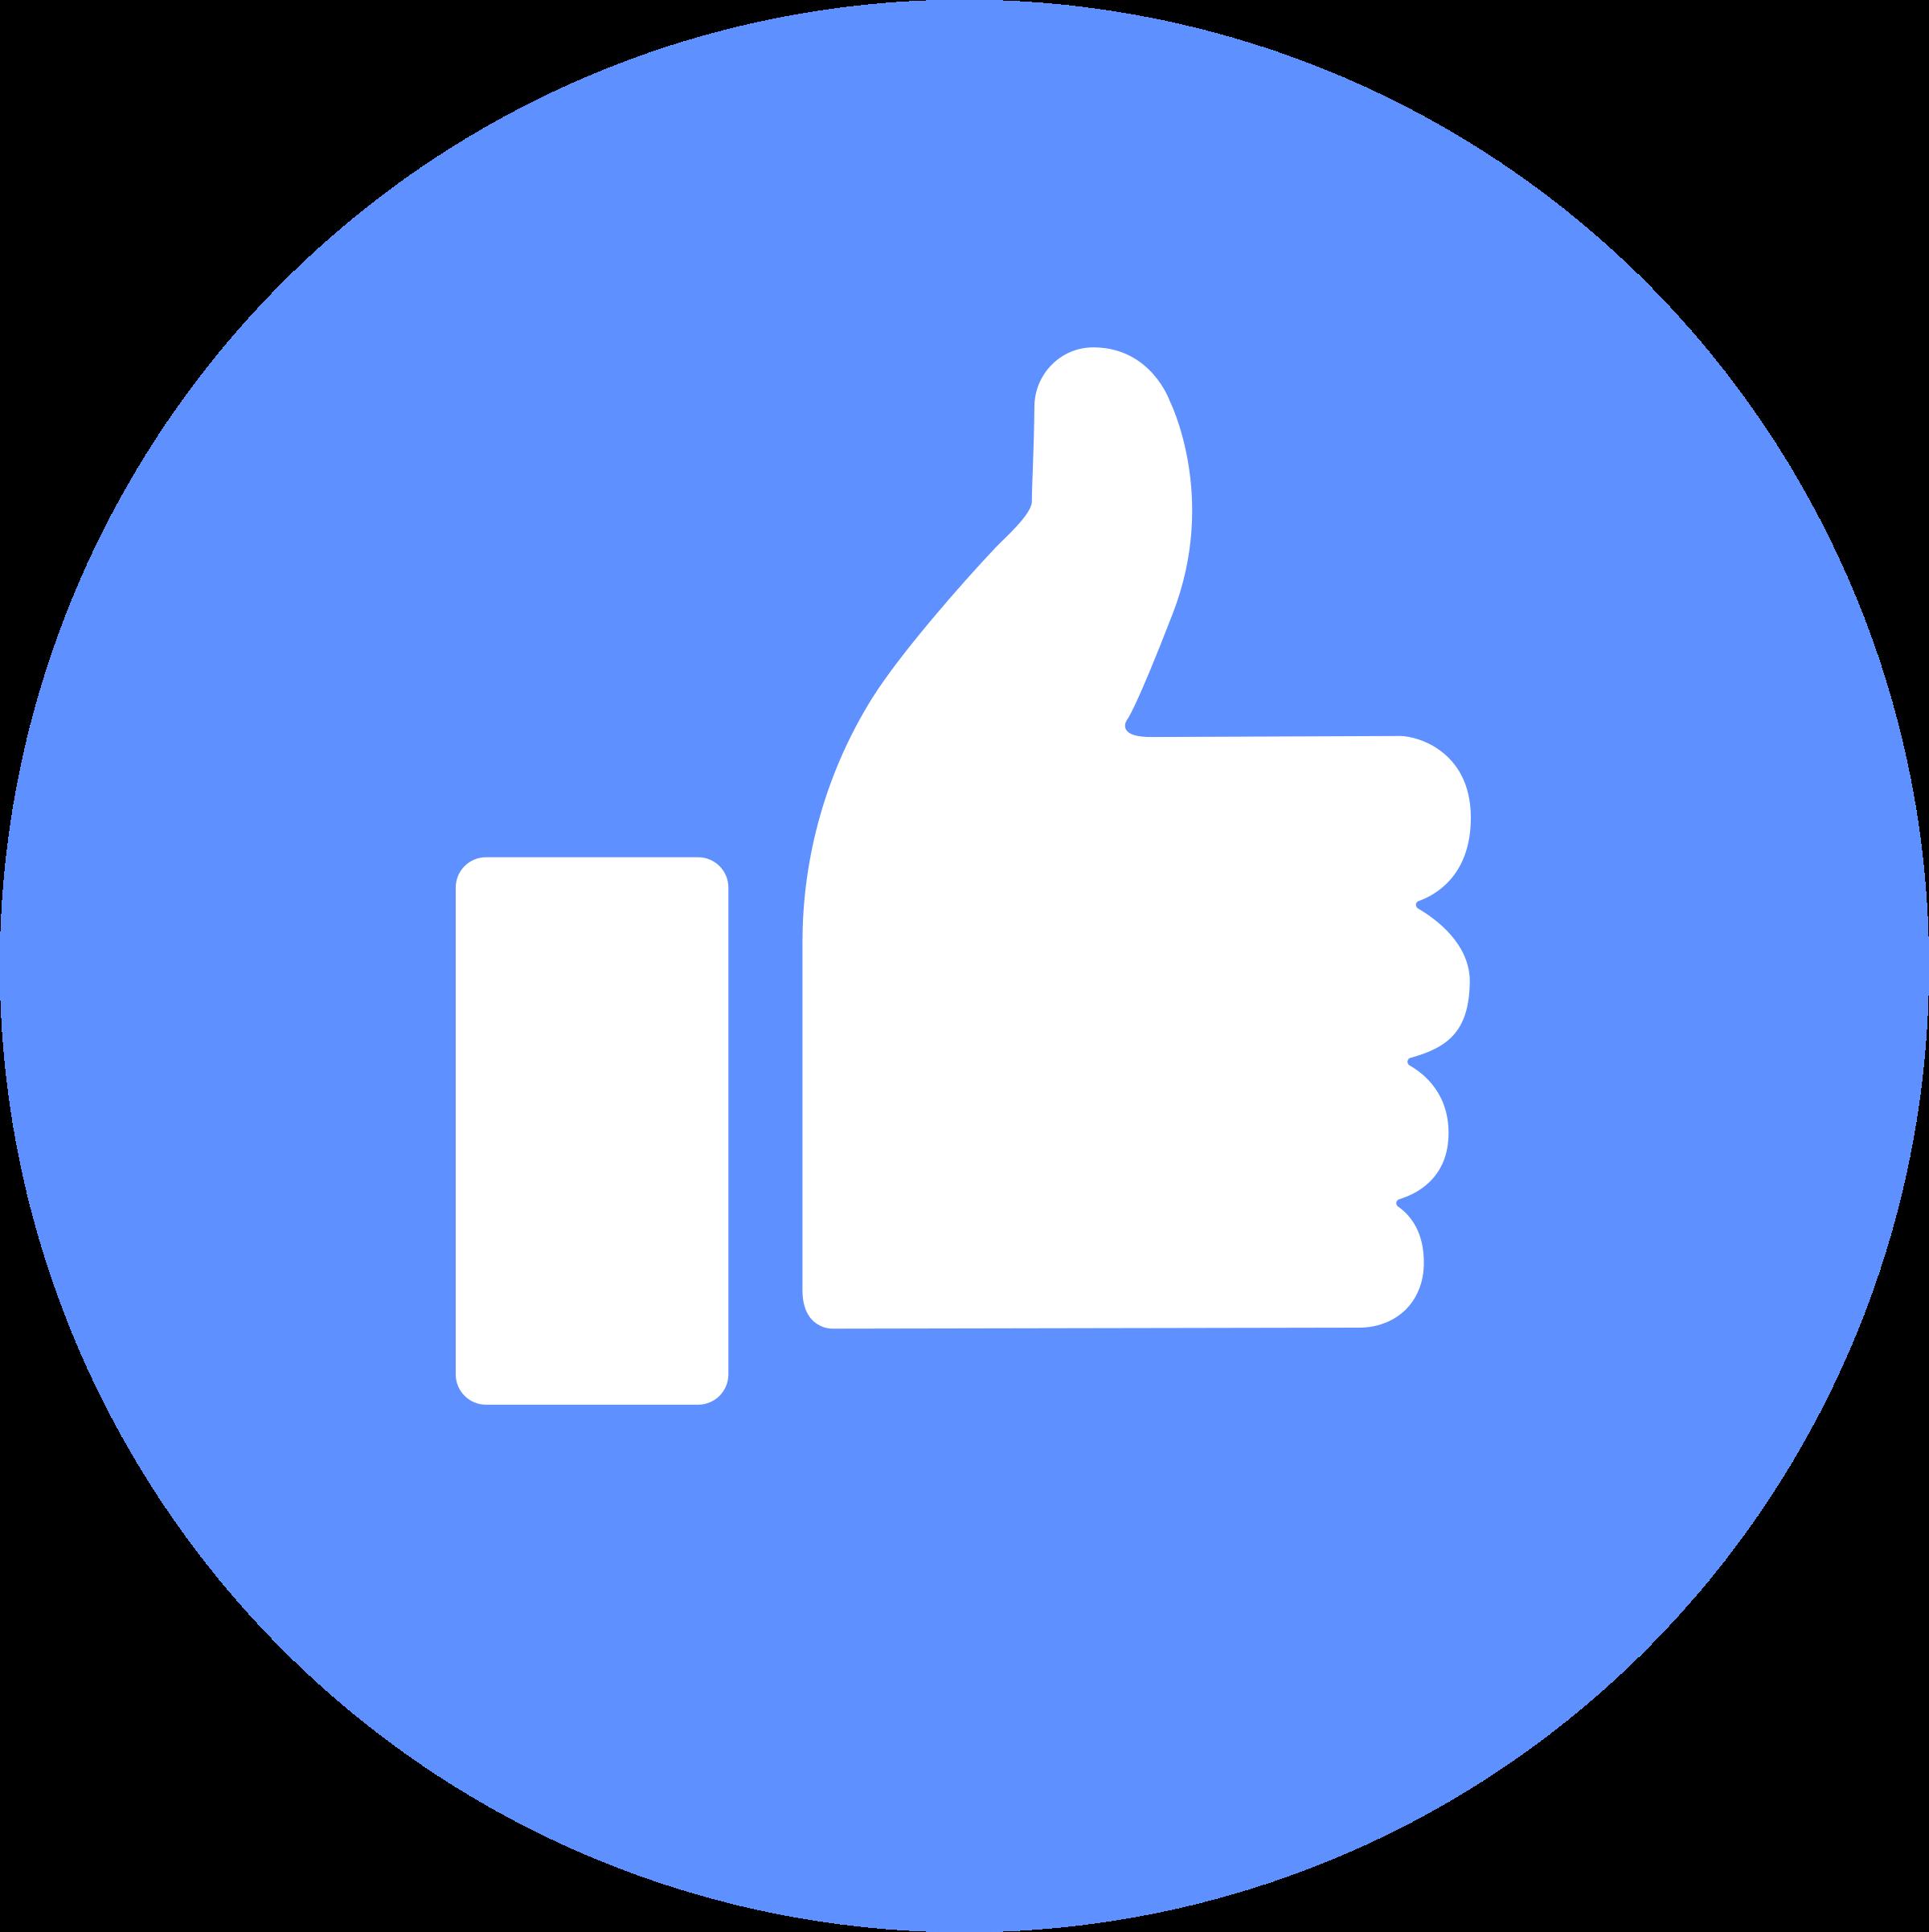 2400x2404 Facebook Like Logo Png Transparent Amp Svg Vector